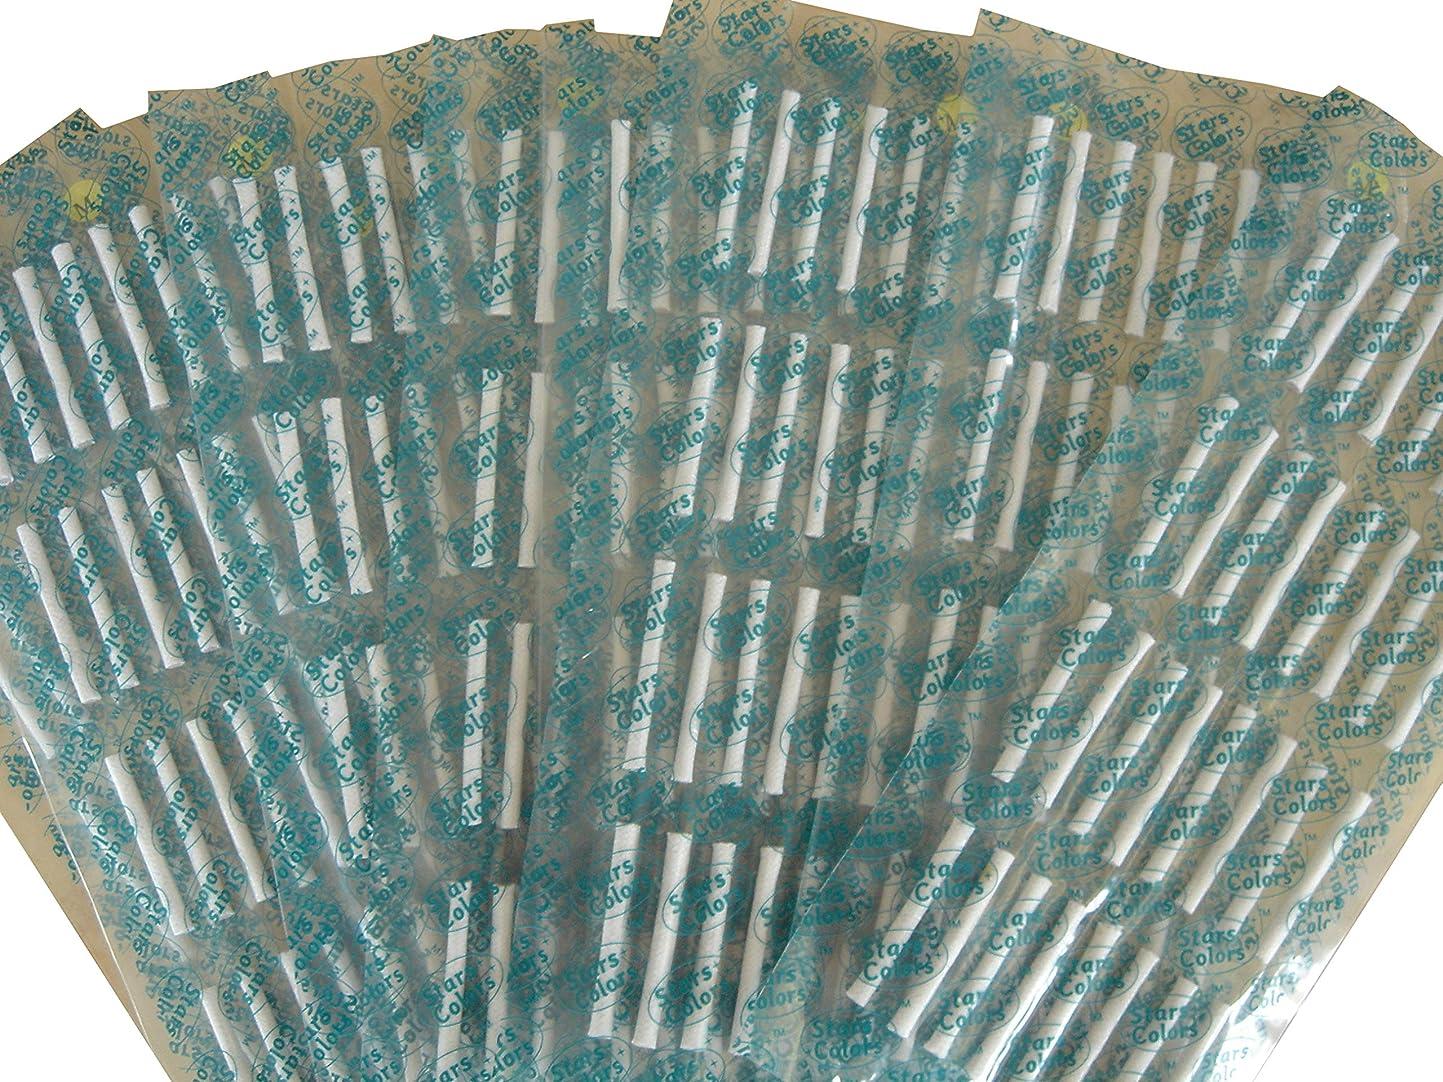 ラフレシアアルノルディロゴちっちゃいまつげパーマ用☆粘着式ロット1シート32本 10枚セット (粘着ロットSサイズ)